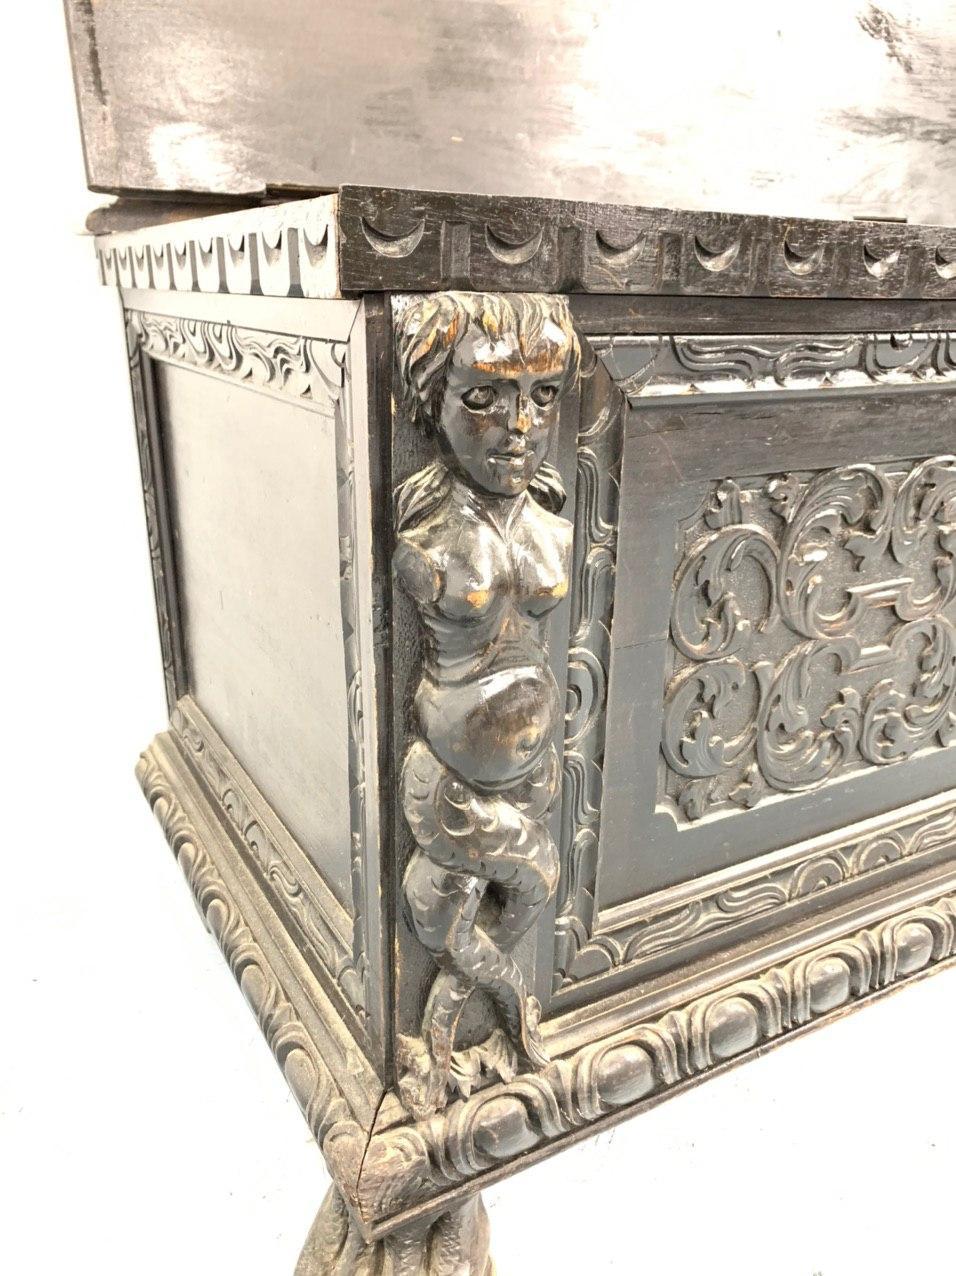 Антикварный дубовый сундук в стиле ренессанс